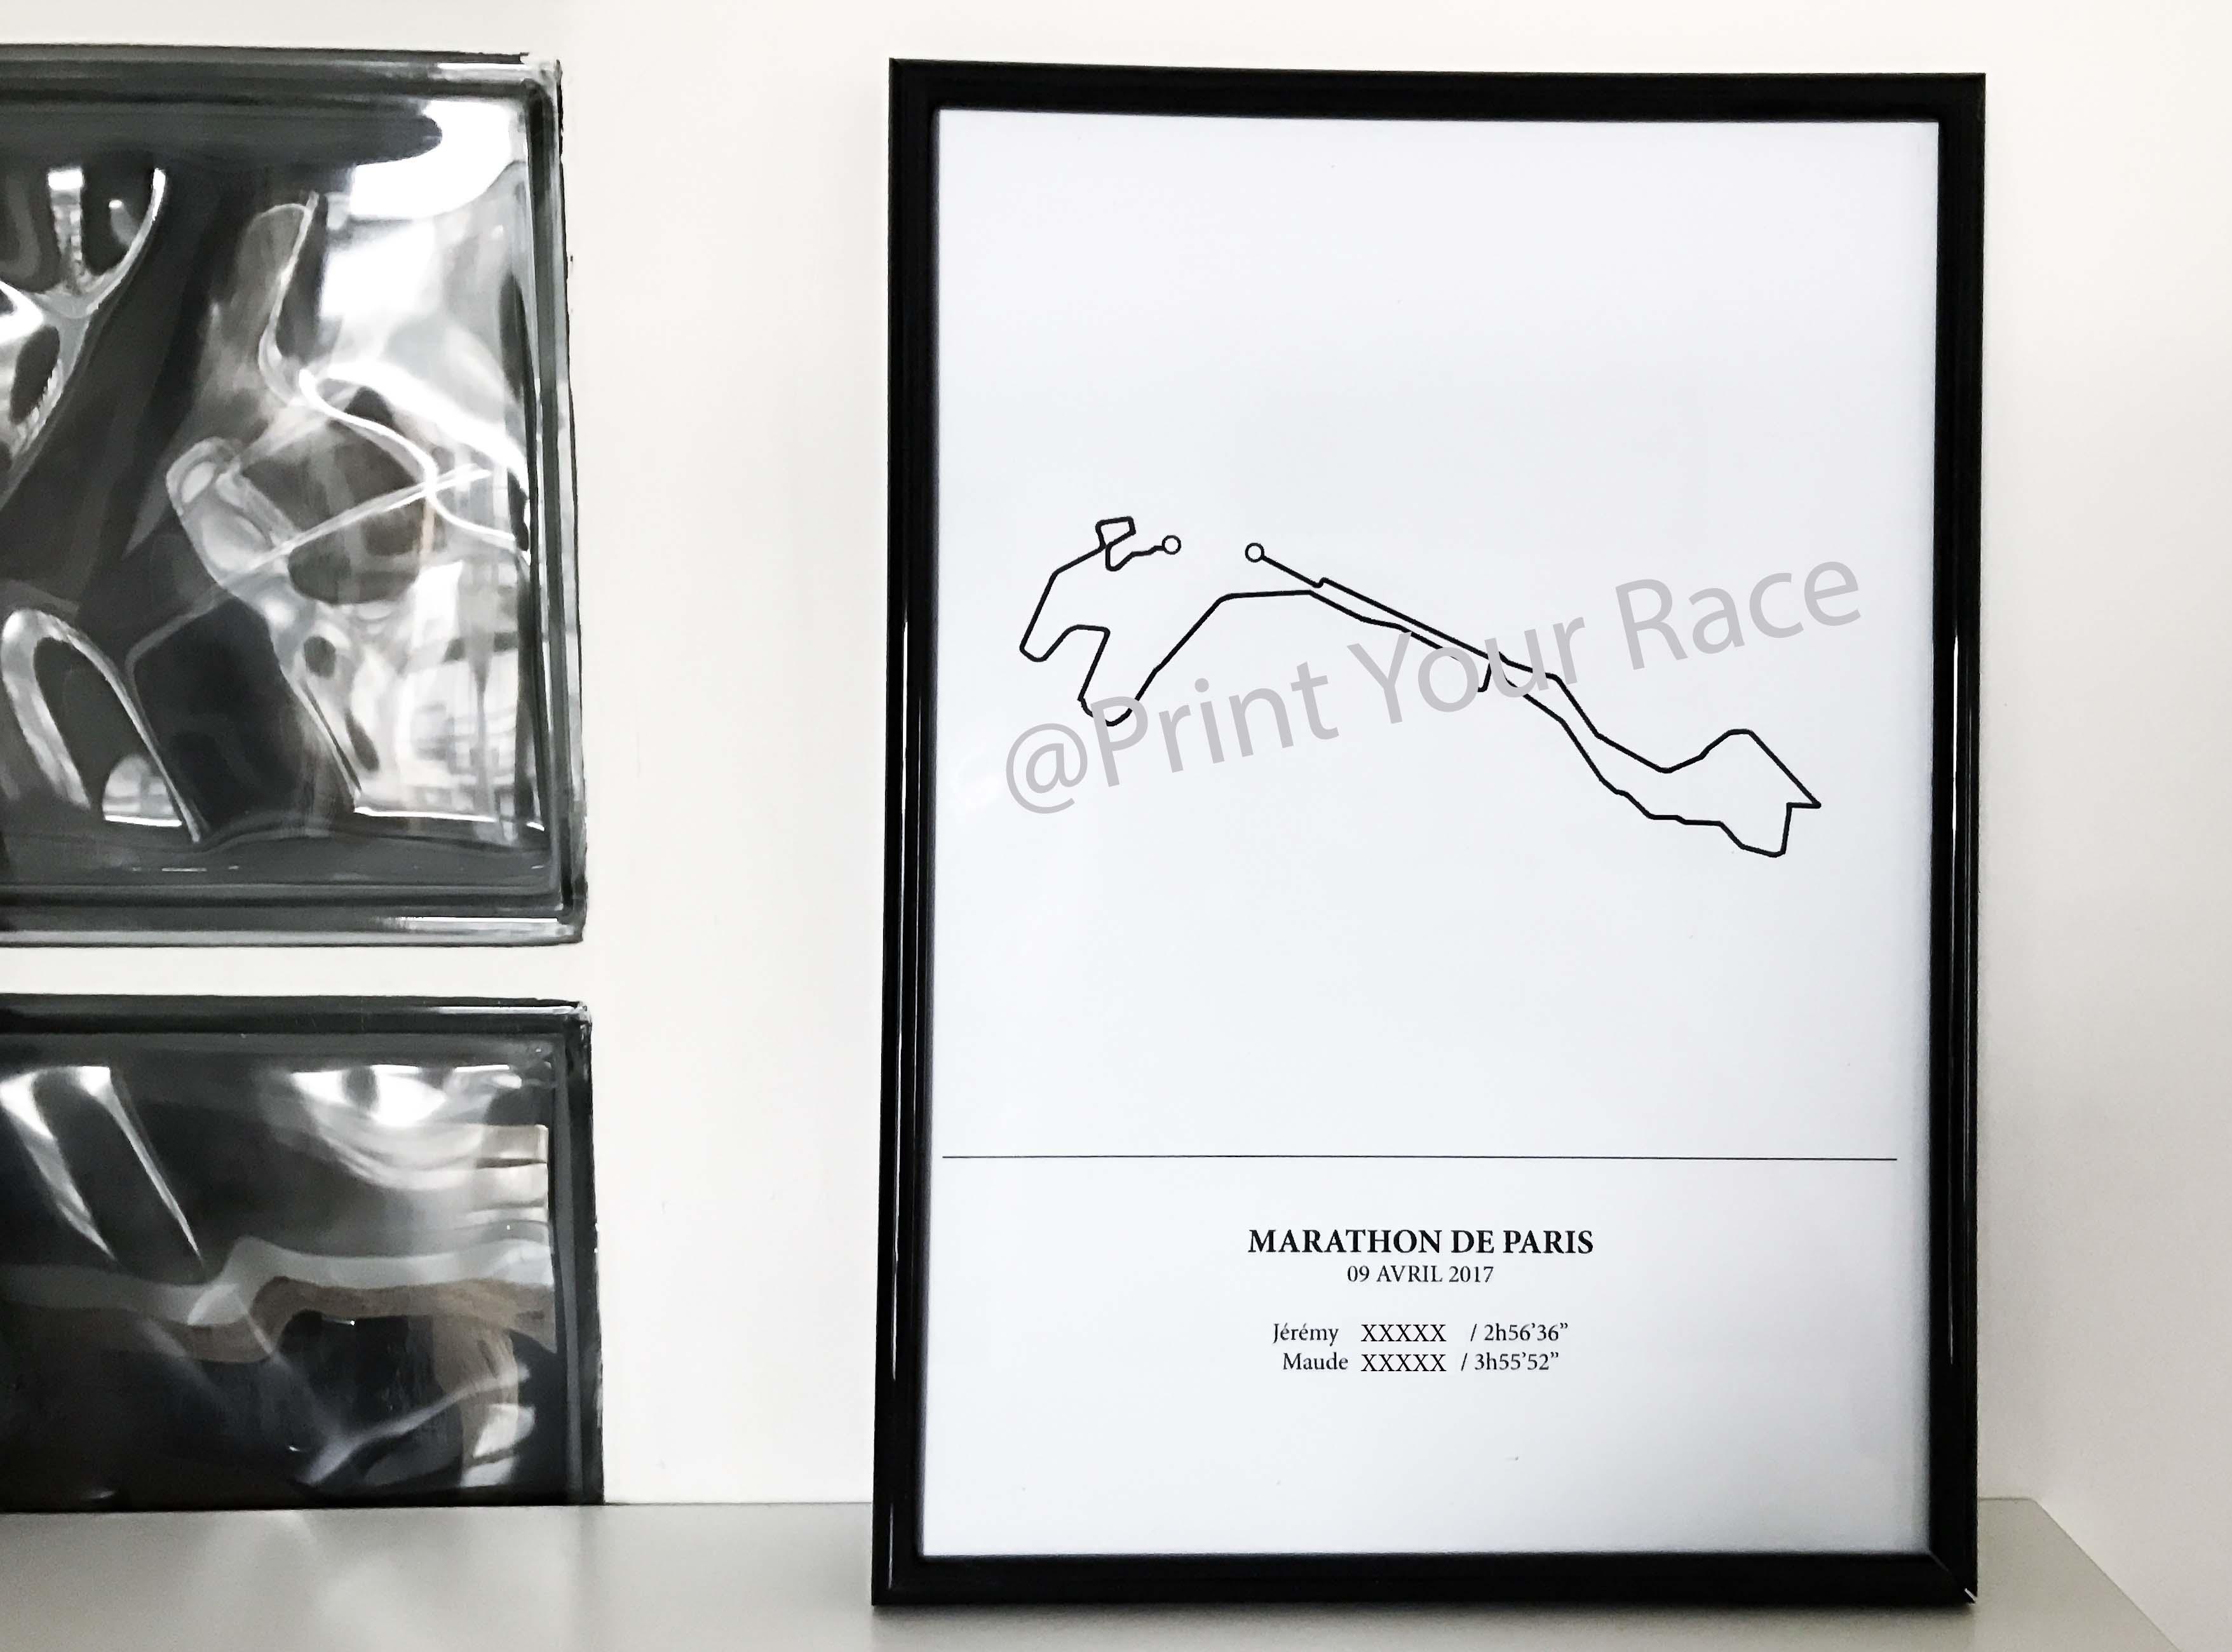 Paris Marathon 2017 poster by Print Your Race